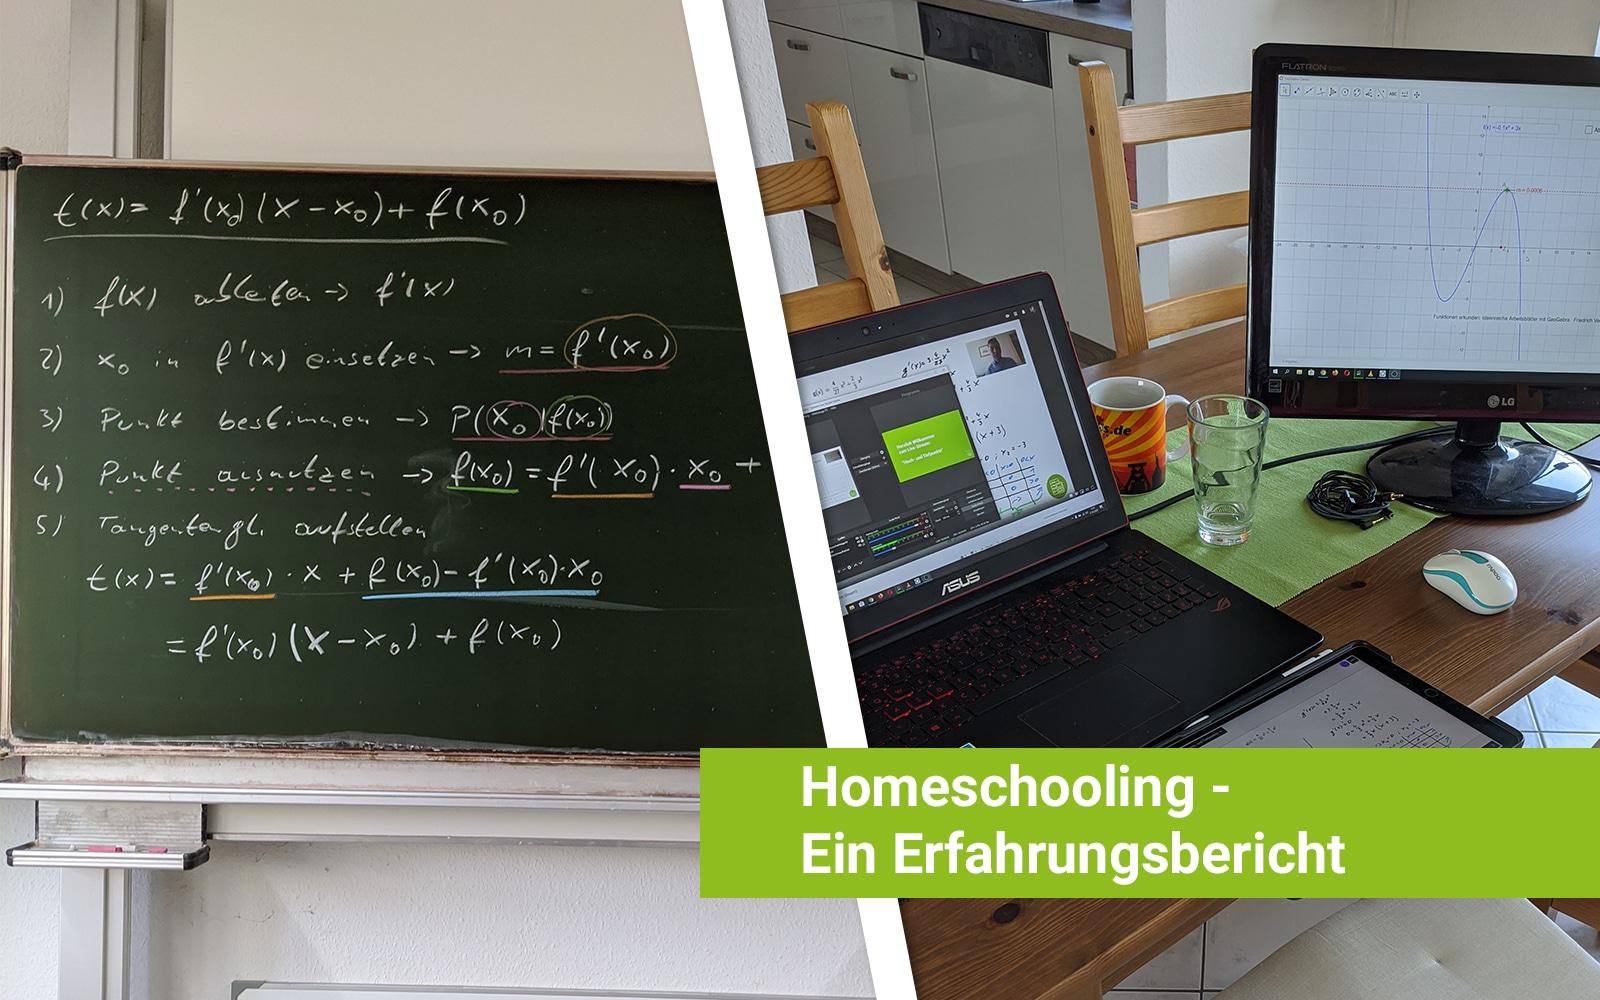 Homeschooling – Von der Tafel ins Internet